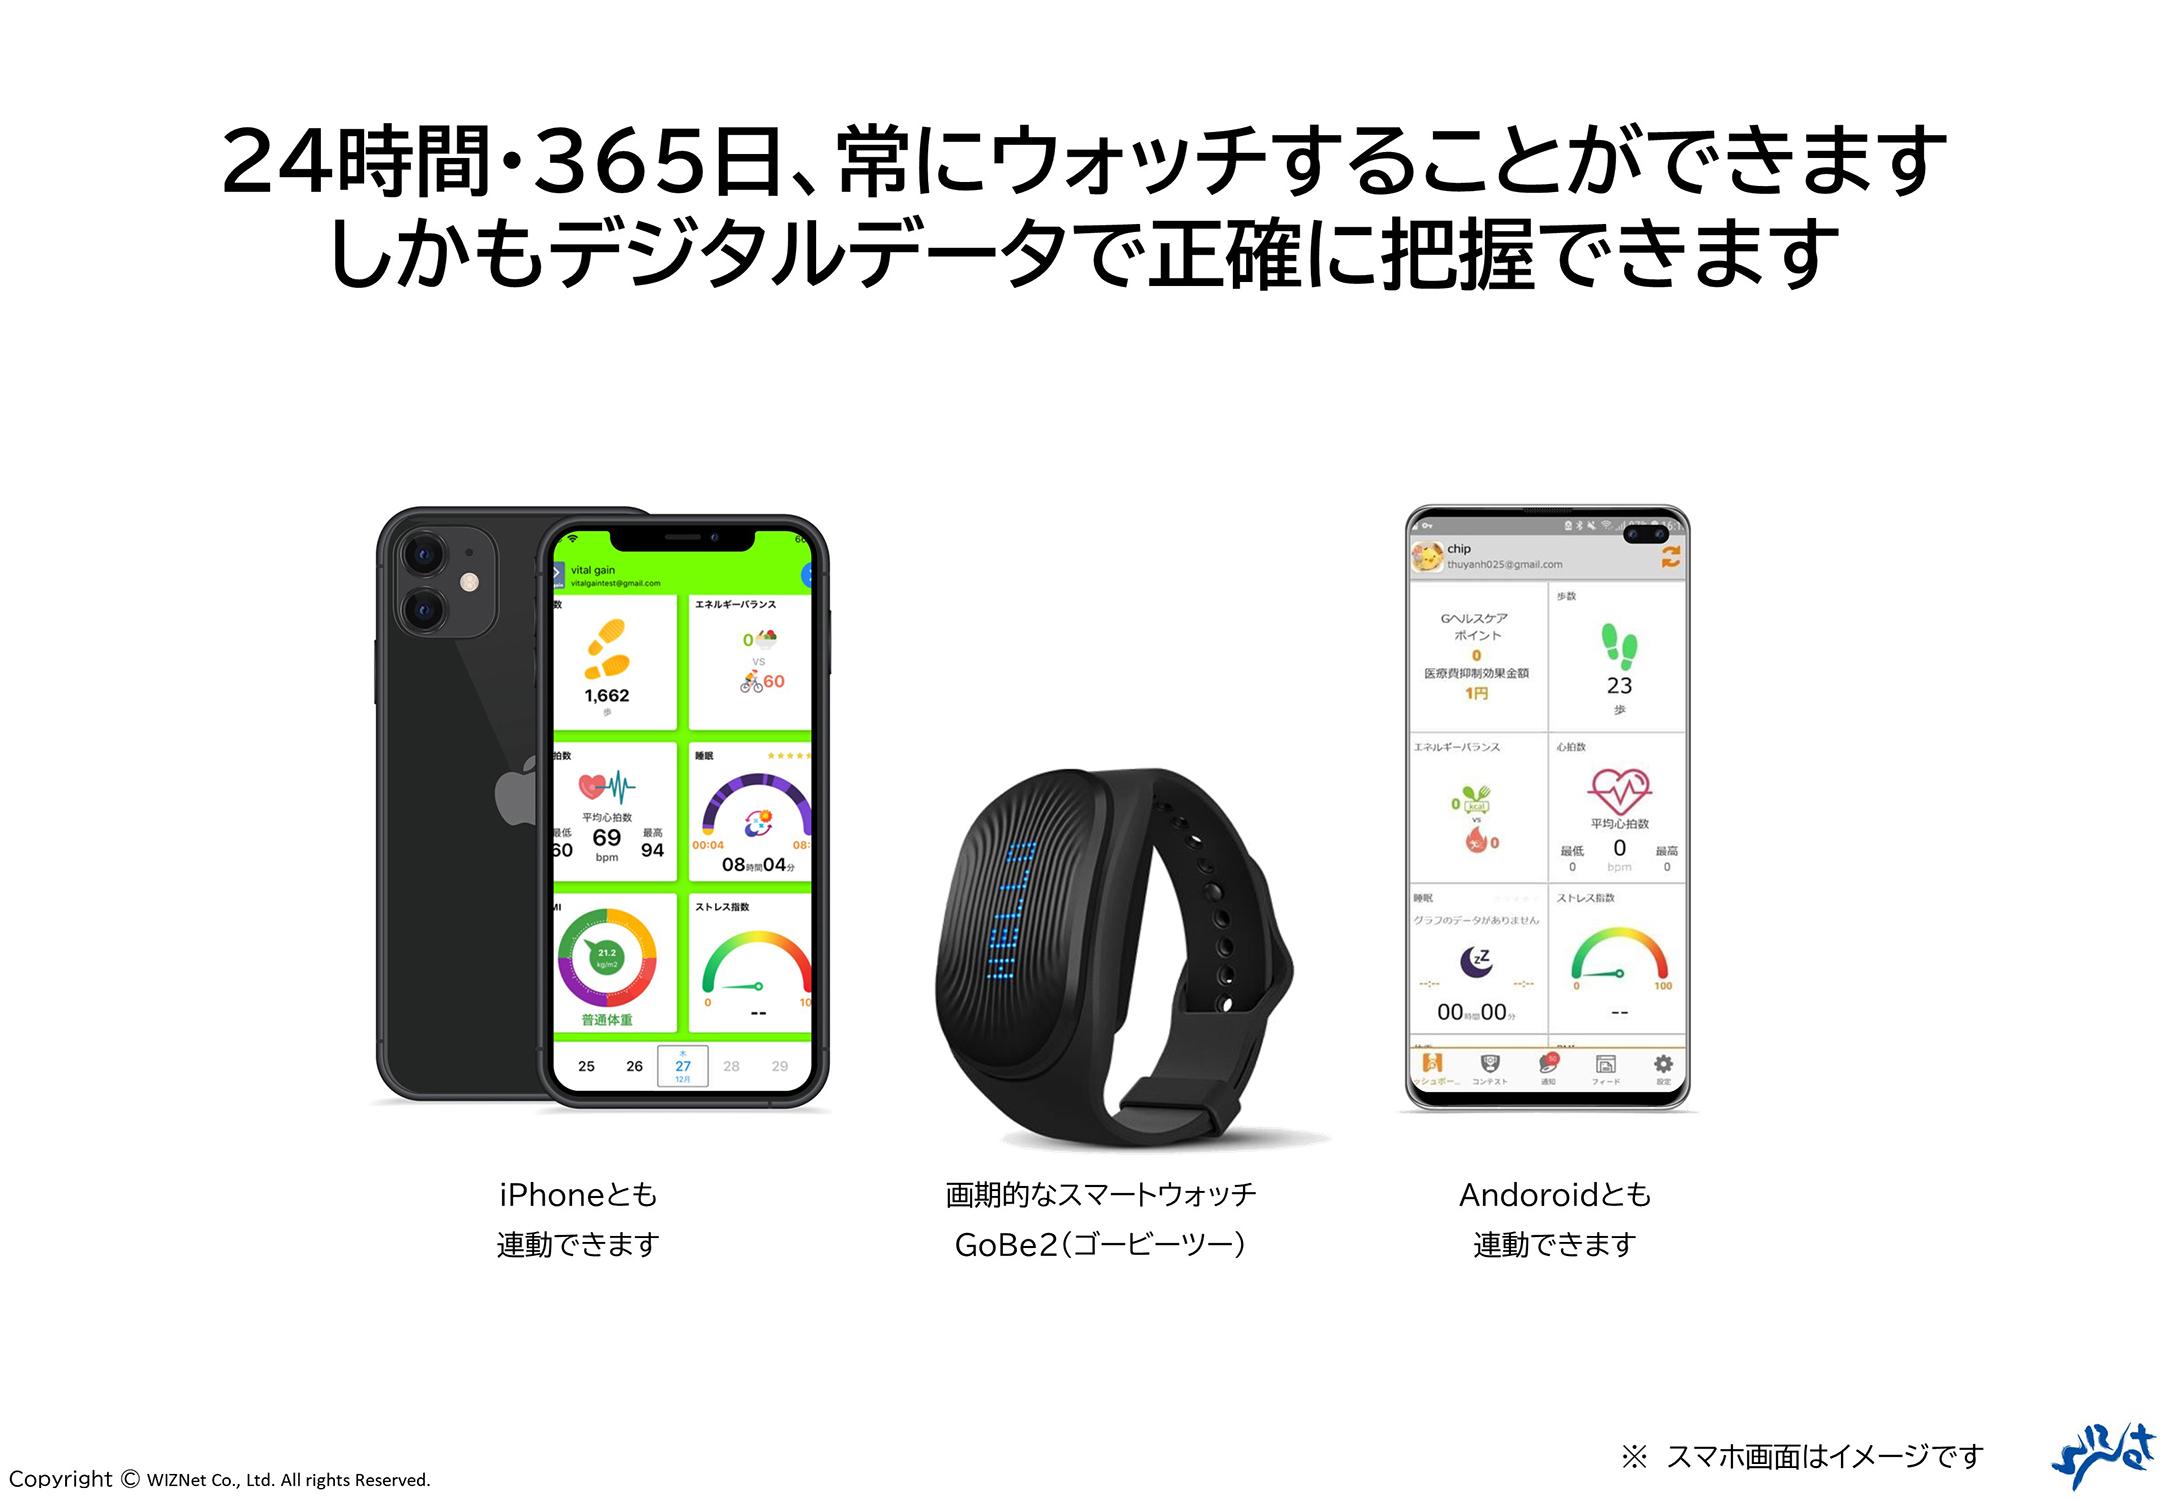 GoBe2は手首に装着するだけで摂取カロリー、燃焼カロリー、エネルギーバランス等を自動的に記録するスマートウォッチ